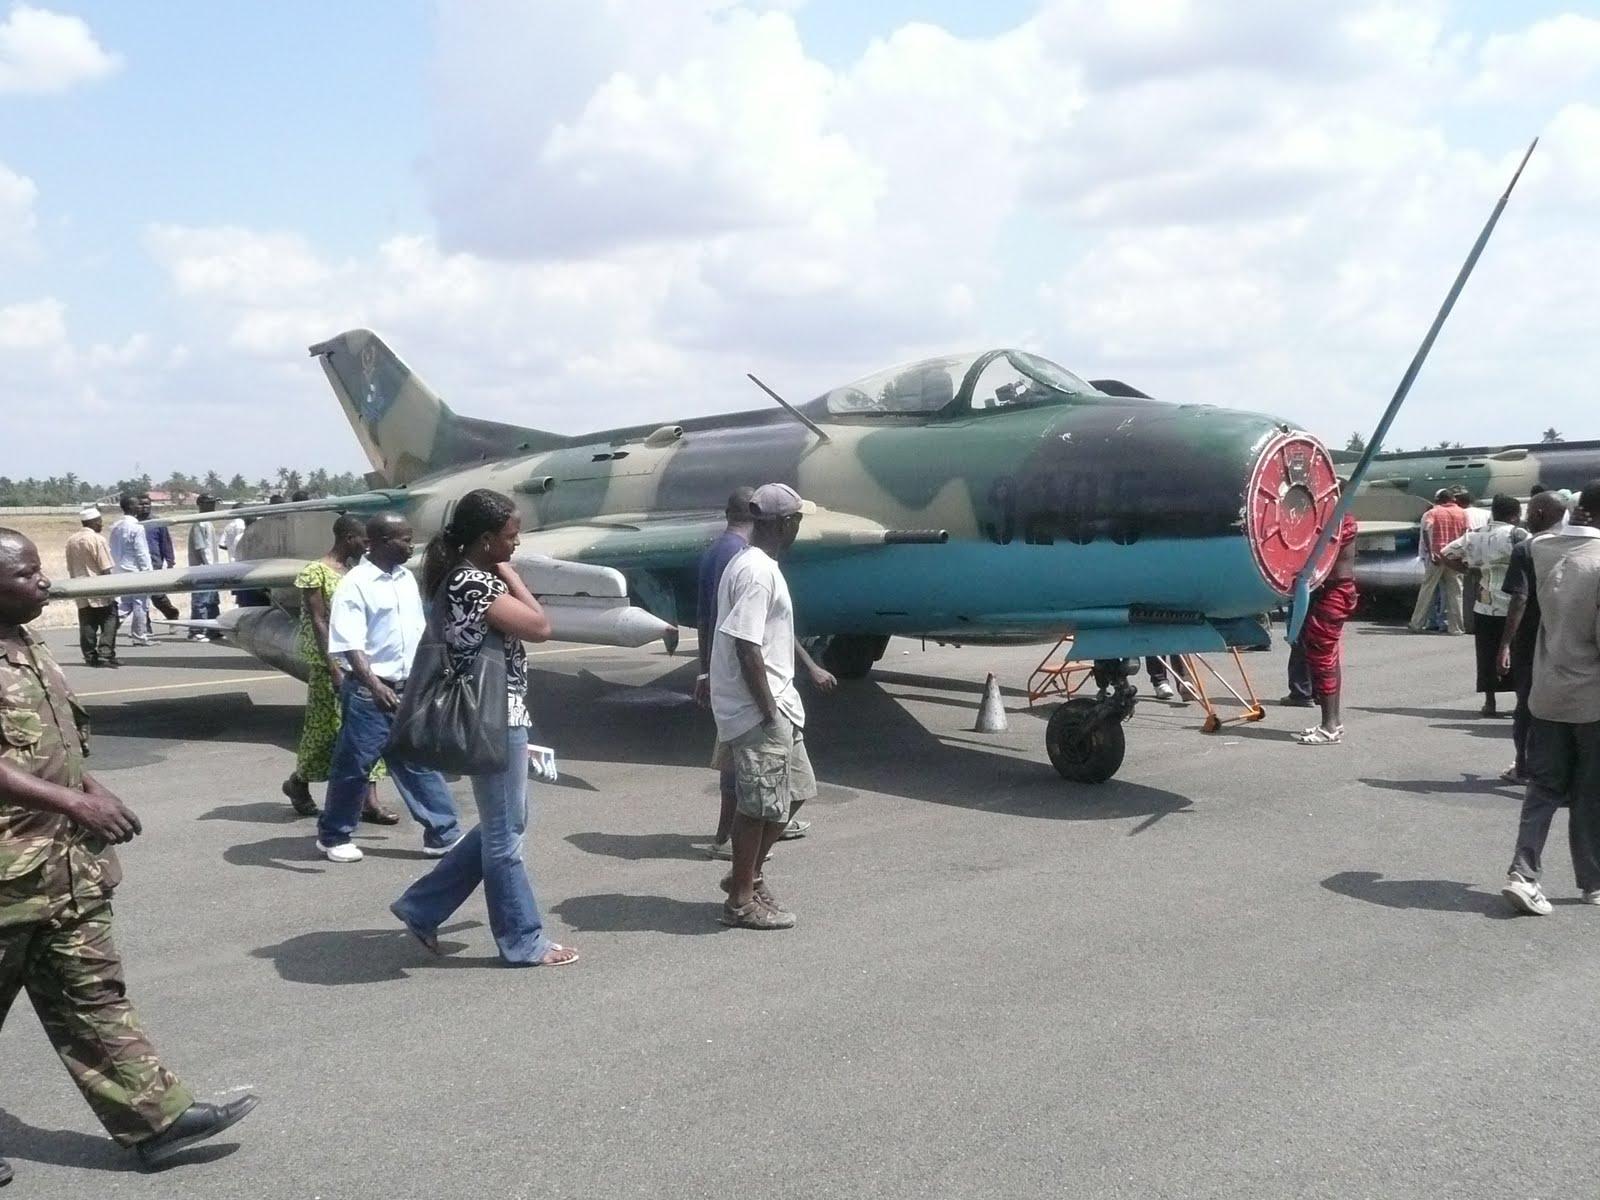 Armée tanzanienne / Tanzania Peoples' Defence Force ( TPDF ) - Page 2 F-6%2B9205%2B%2BTANZANO%2B01-09-2009